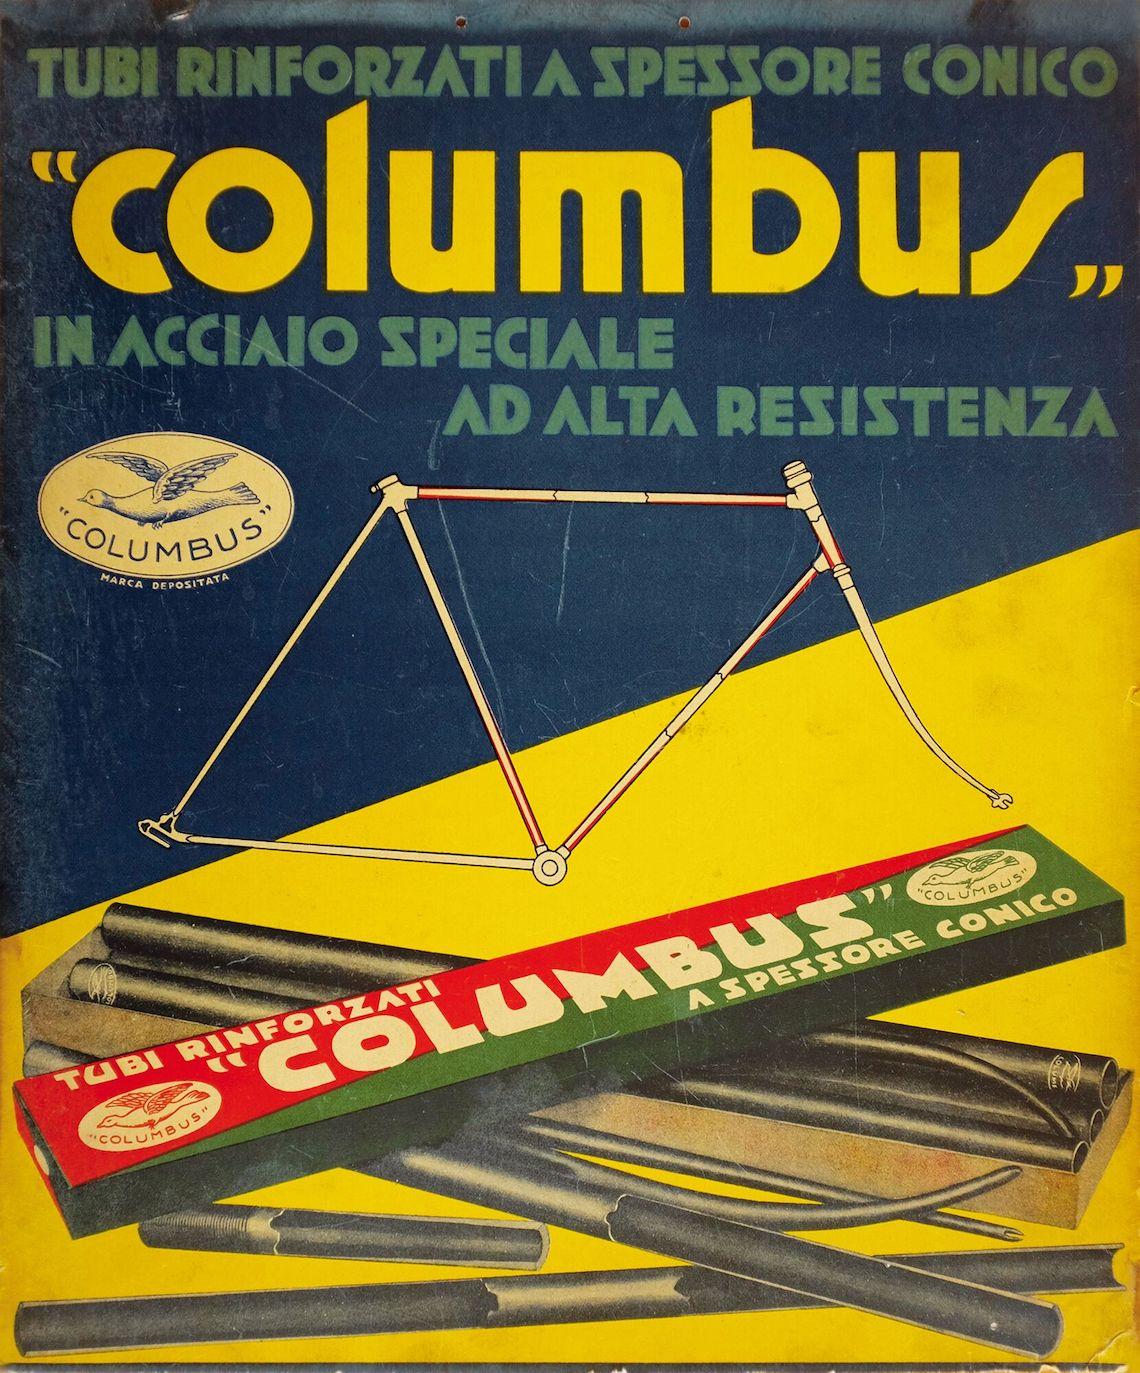 Anima d'acciaio_Columbus e il design della bicicletta_5